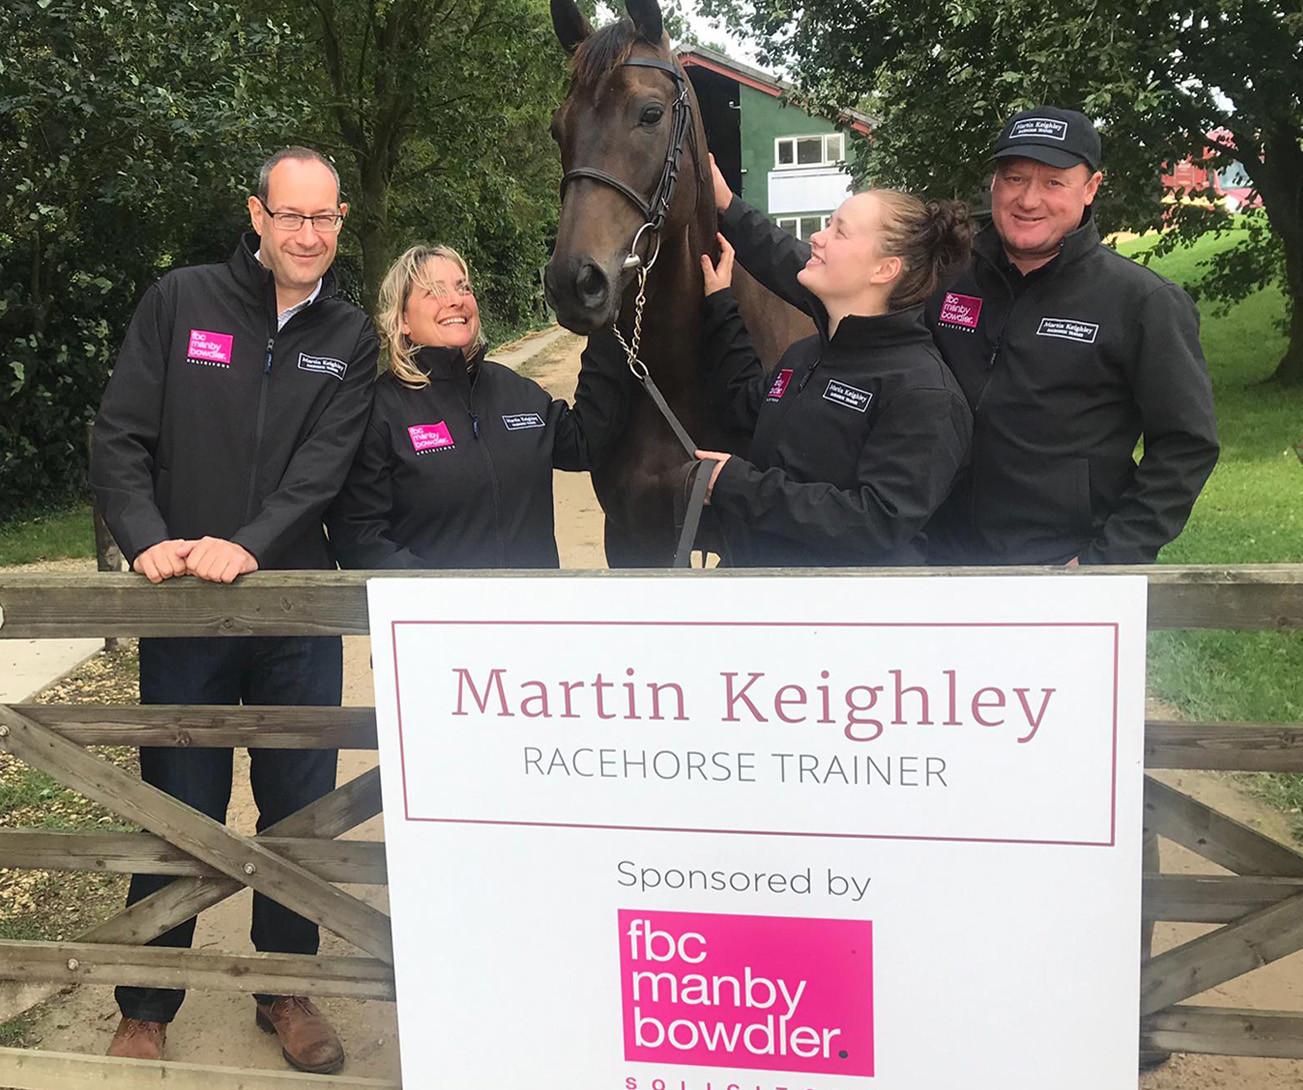 FBC Manby Bowdler backs winner with horse-racing sponsorship